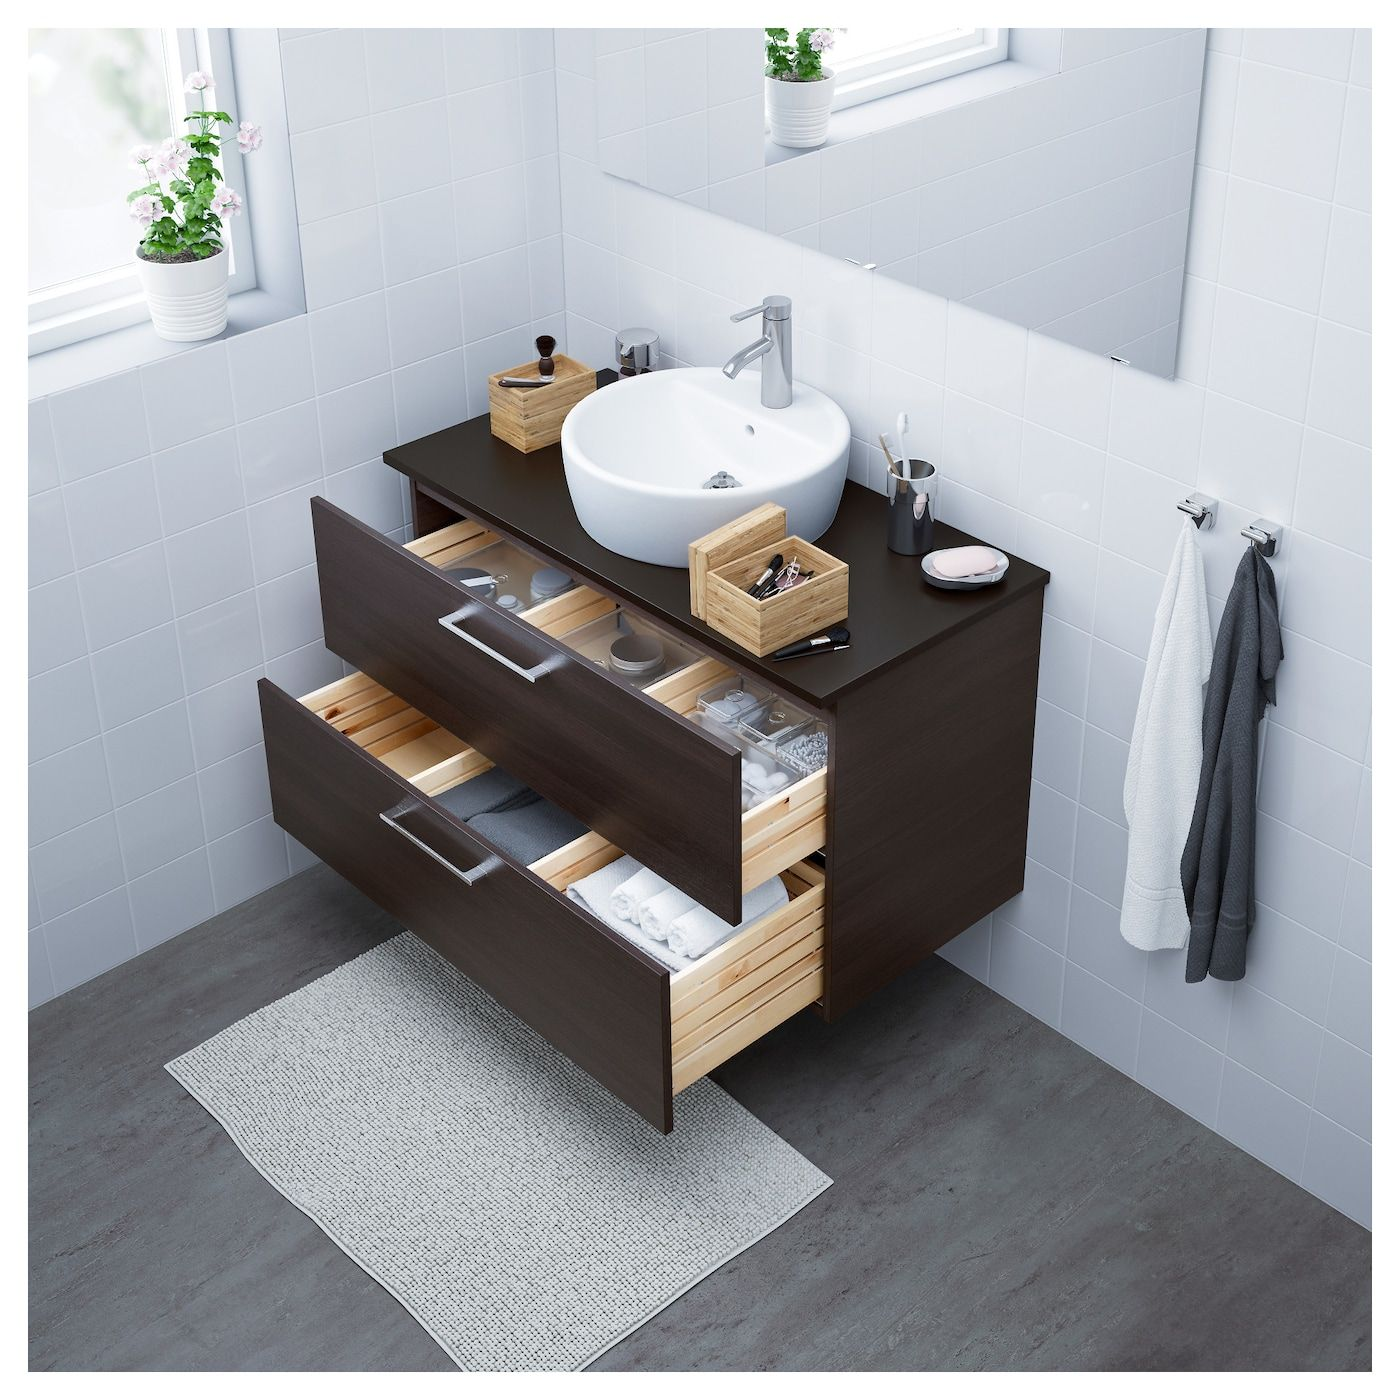 Piano Per Mobile Bagno mobili e accessori per l'arredamento della casa | idee ikea